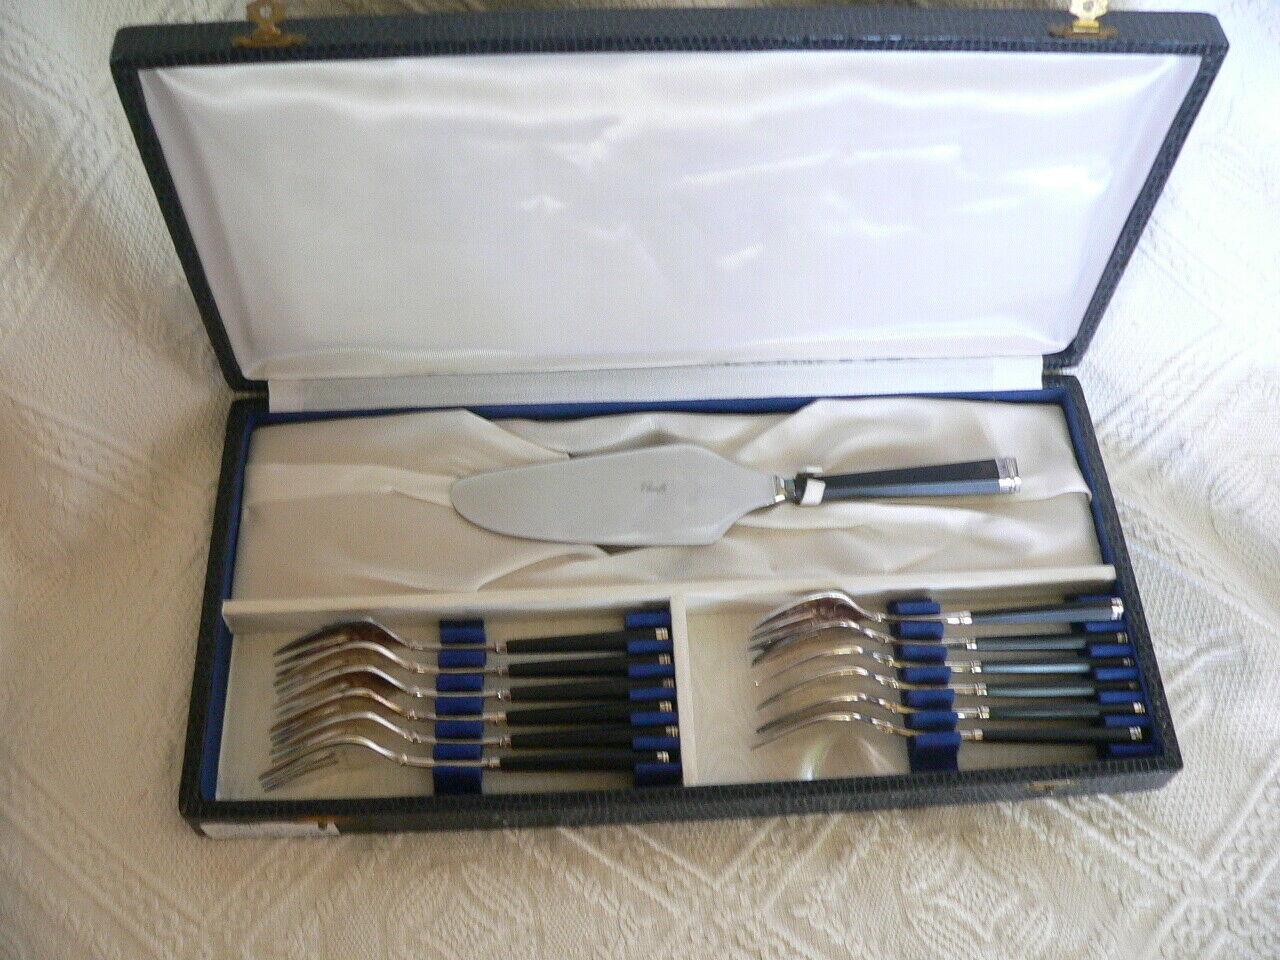 Rare superbe servisse à gateau en métal argentoé SFAM neuf modellolo tentation